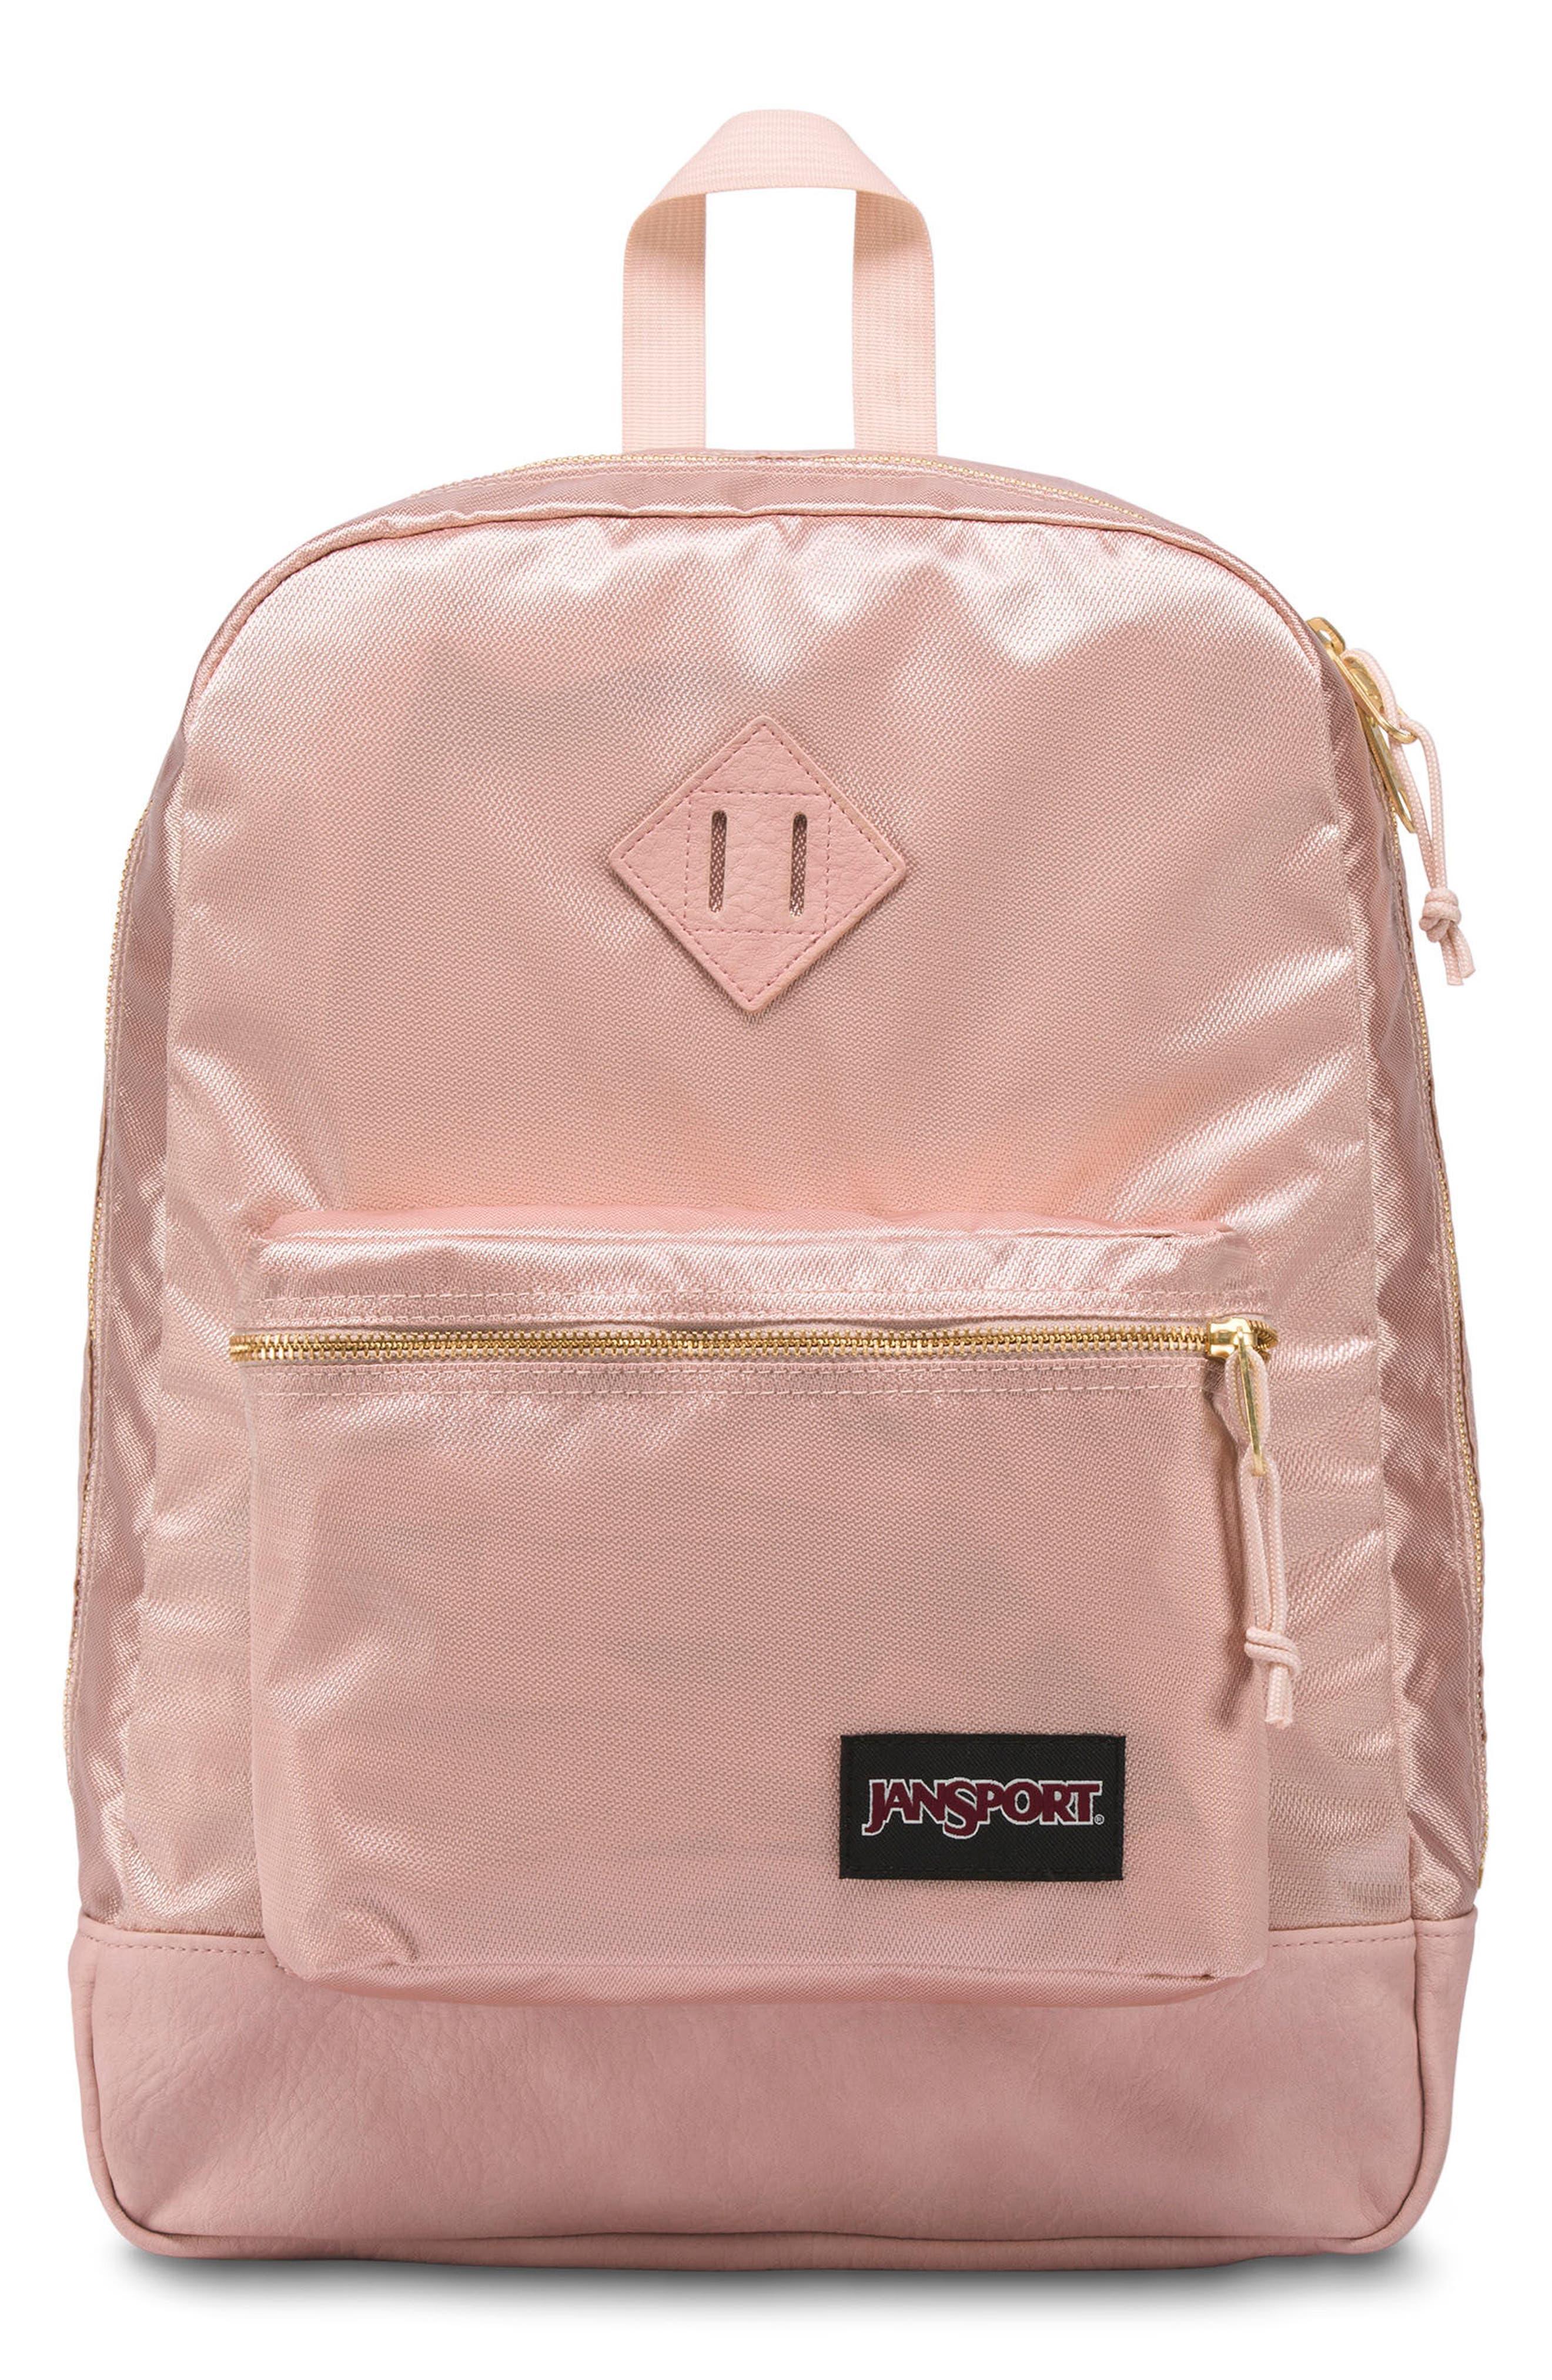 Super FX Gym Backpack,                         Main,                         color, ROSE SMOKE GOLD